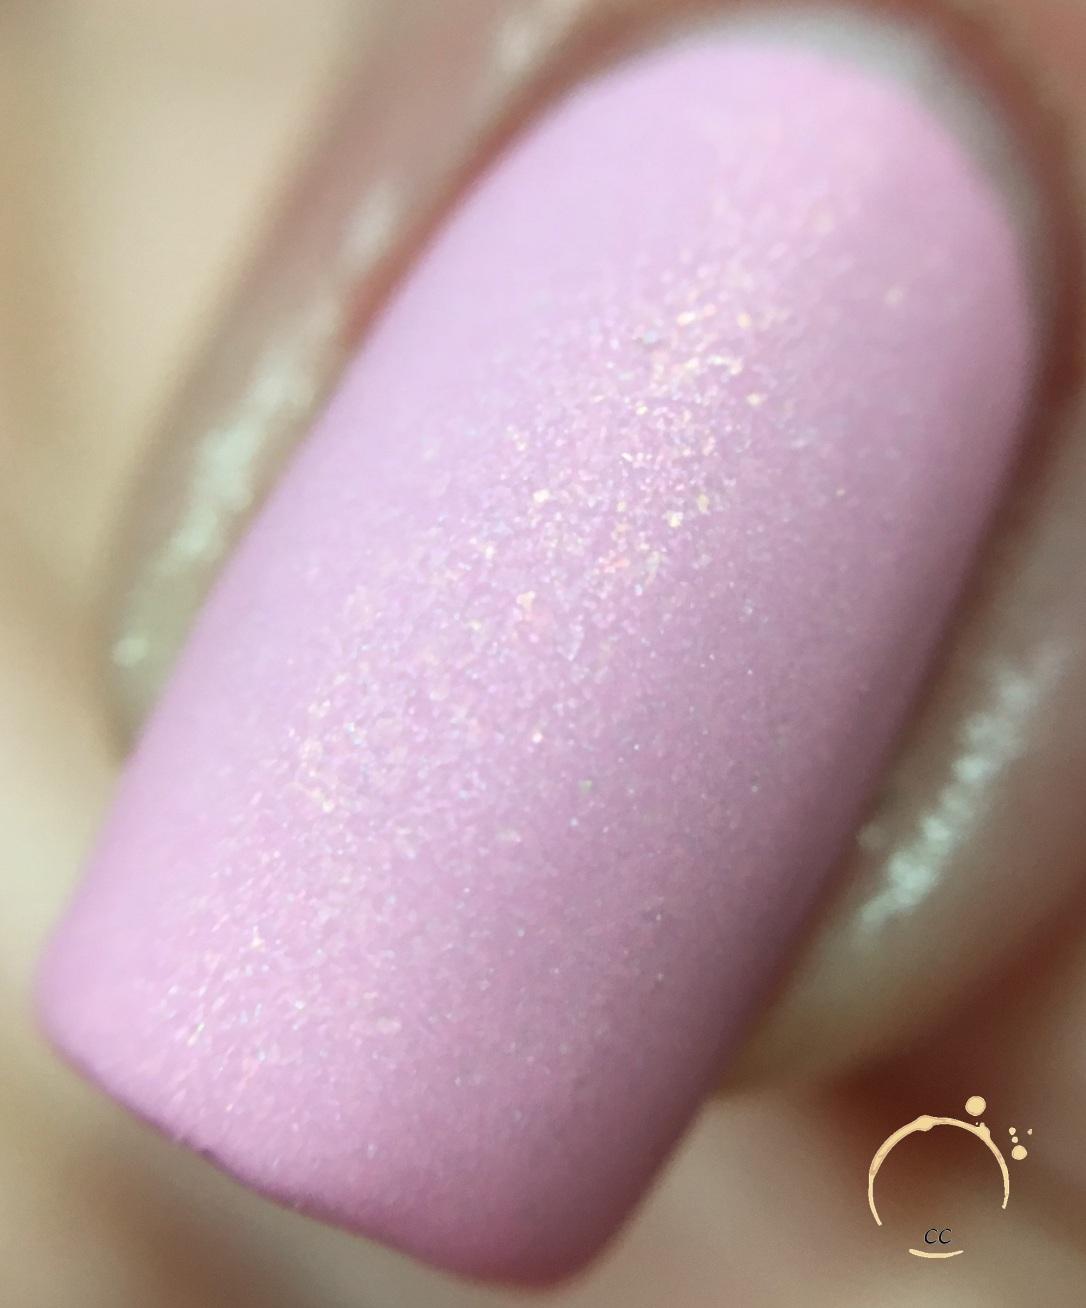 pinkmattemacro